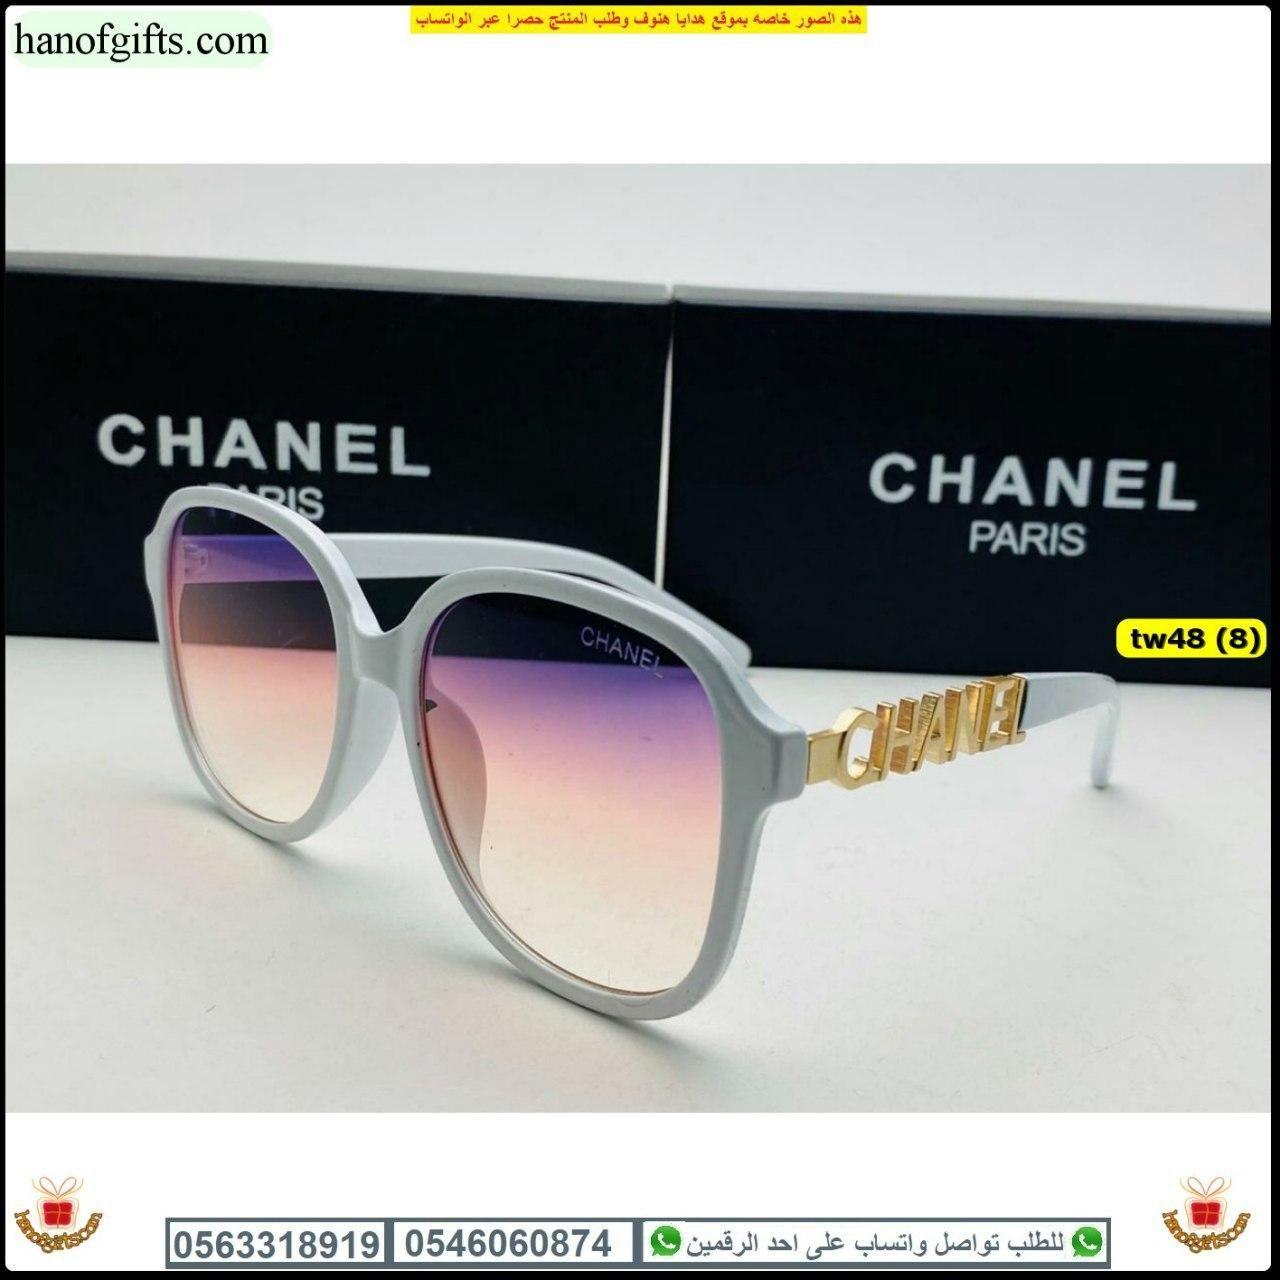 نظارات شانيل شمسية افخم الموديلات النسائية مع ملحقات الماركه هدايا هنوف Glasses Sunglasses Frame